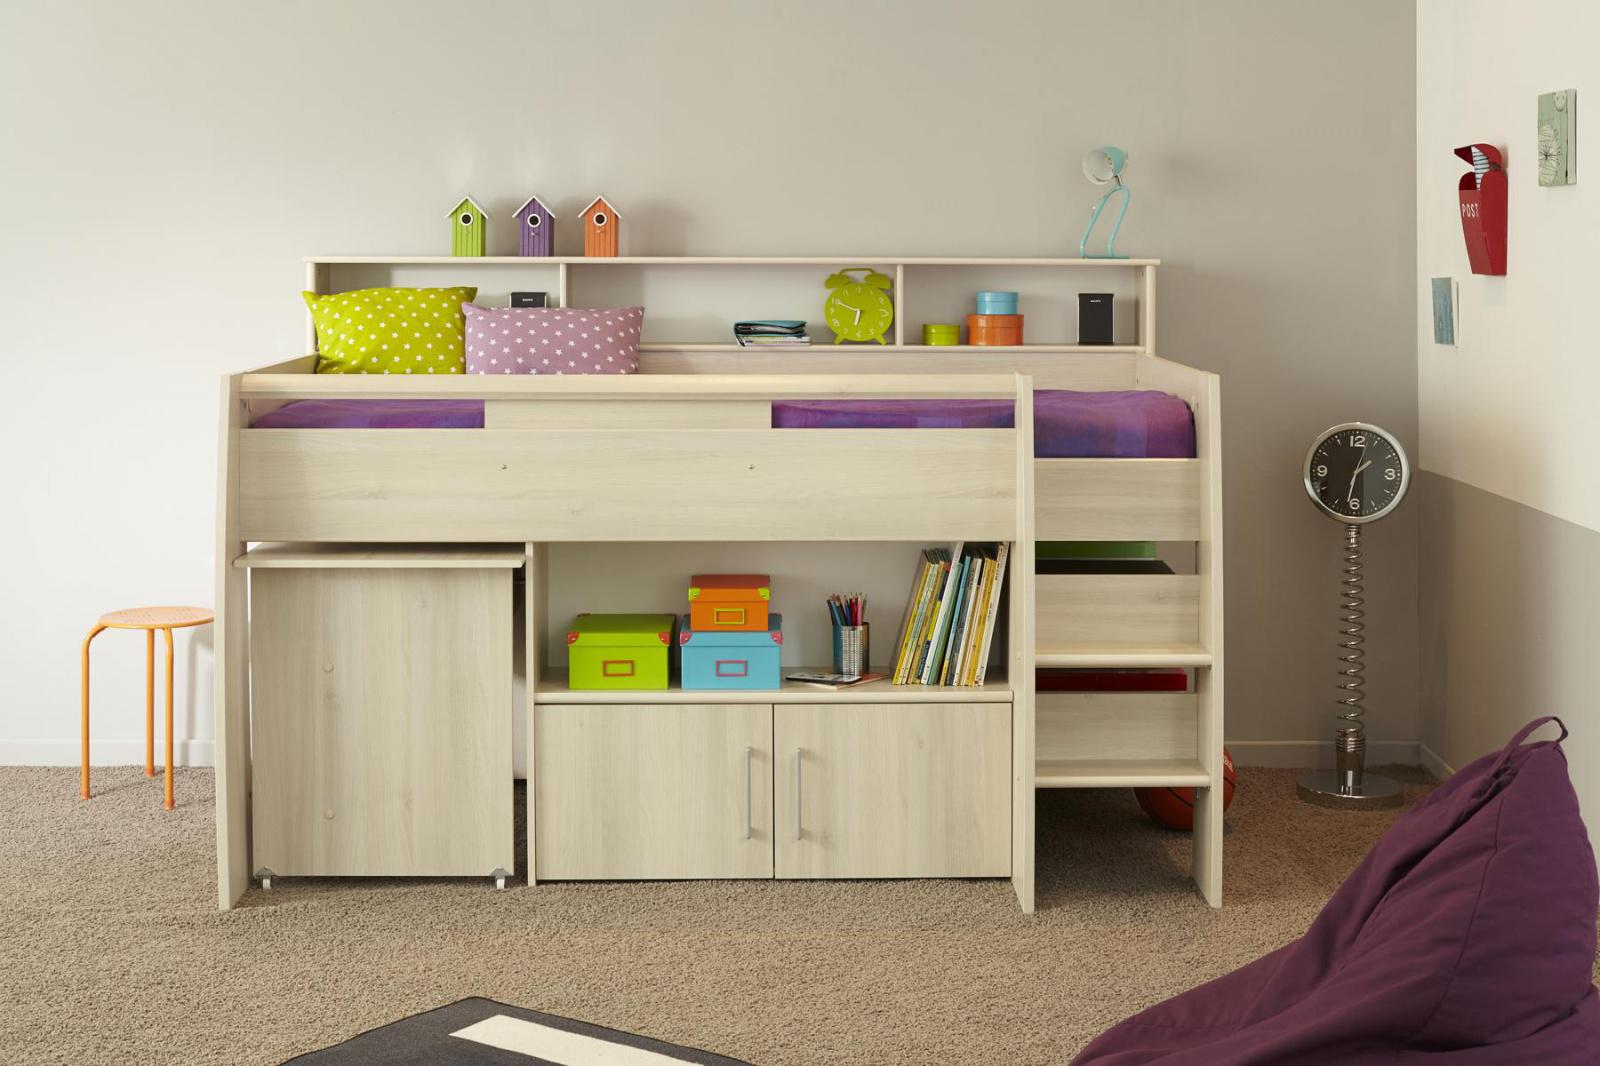 kinderhochbett tesso akazie inkl schreibtisch kaufen. Black Bedroom Furniture Sets. Home Design Ideas